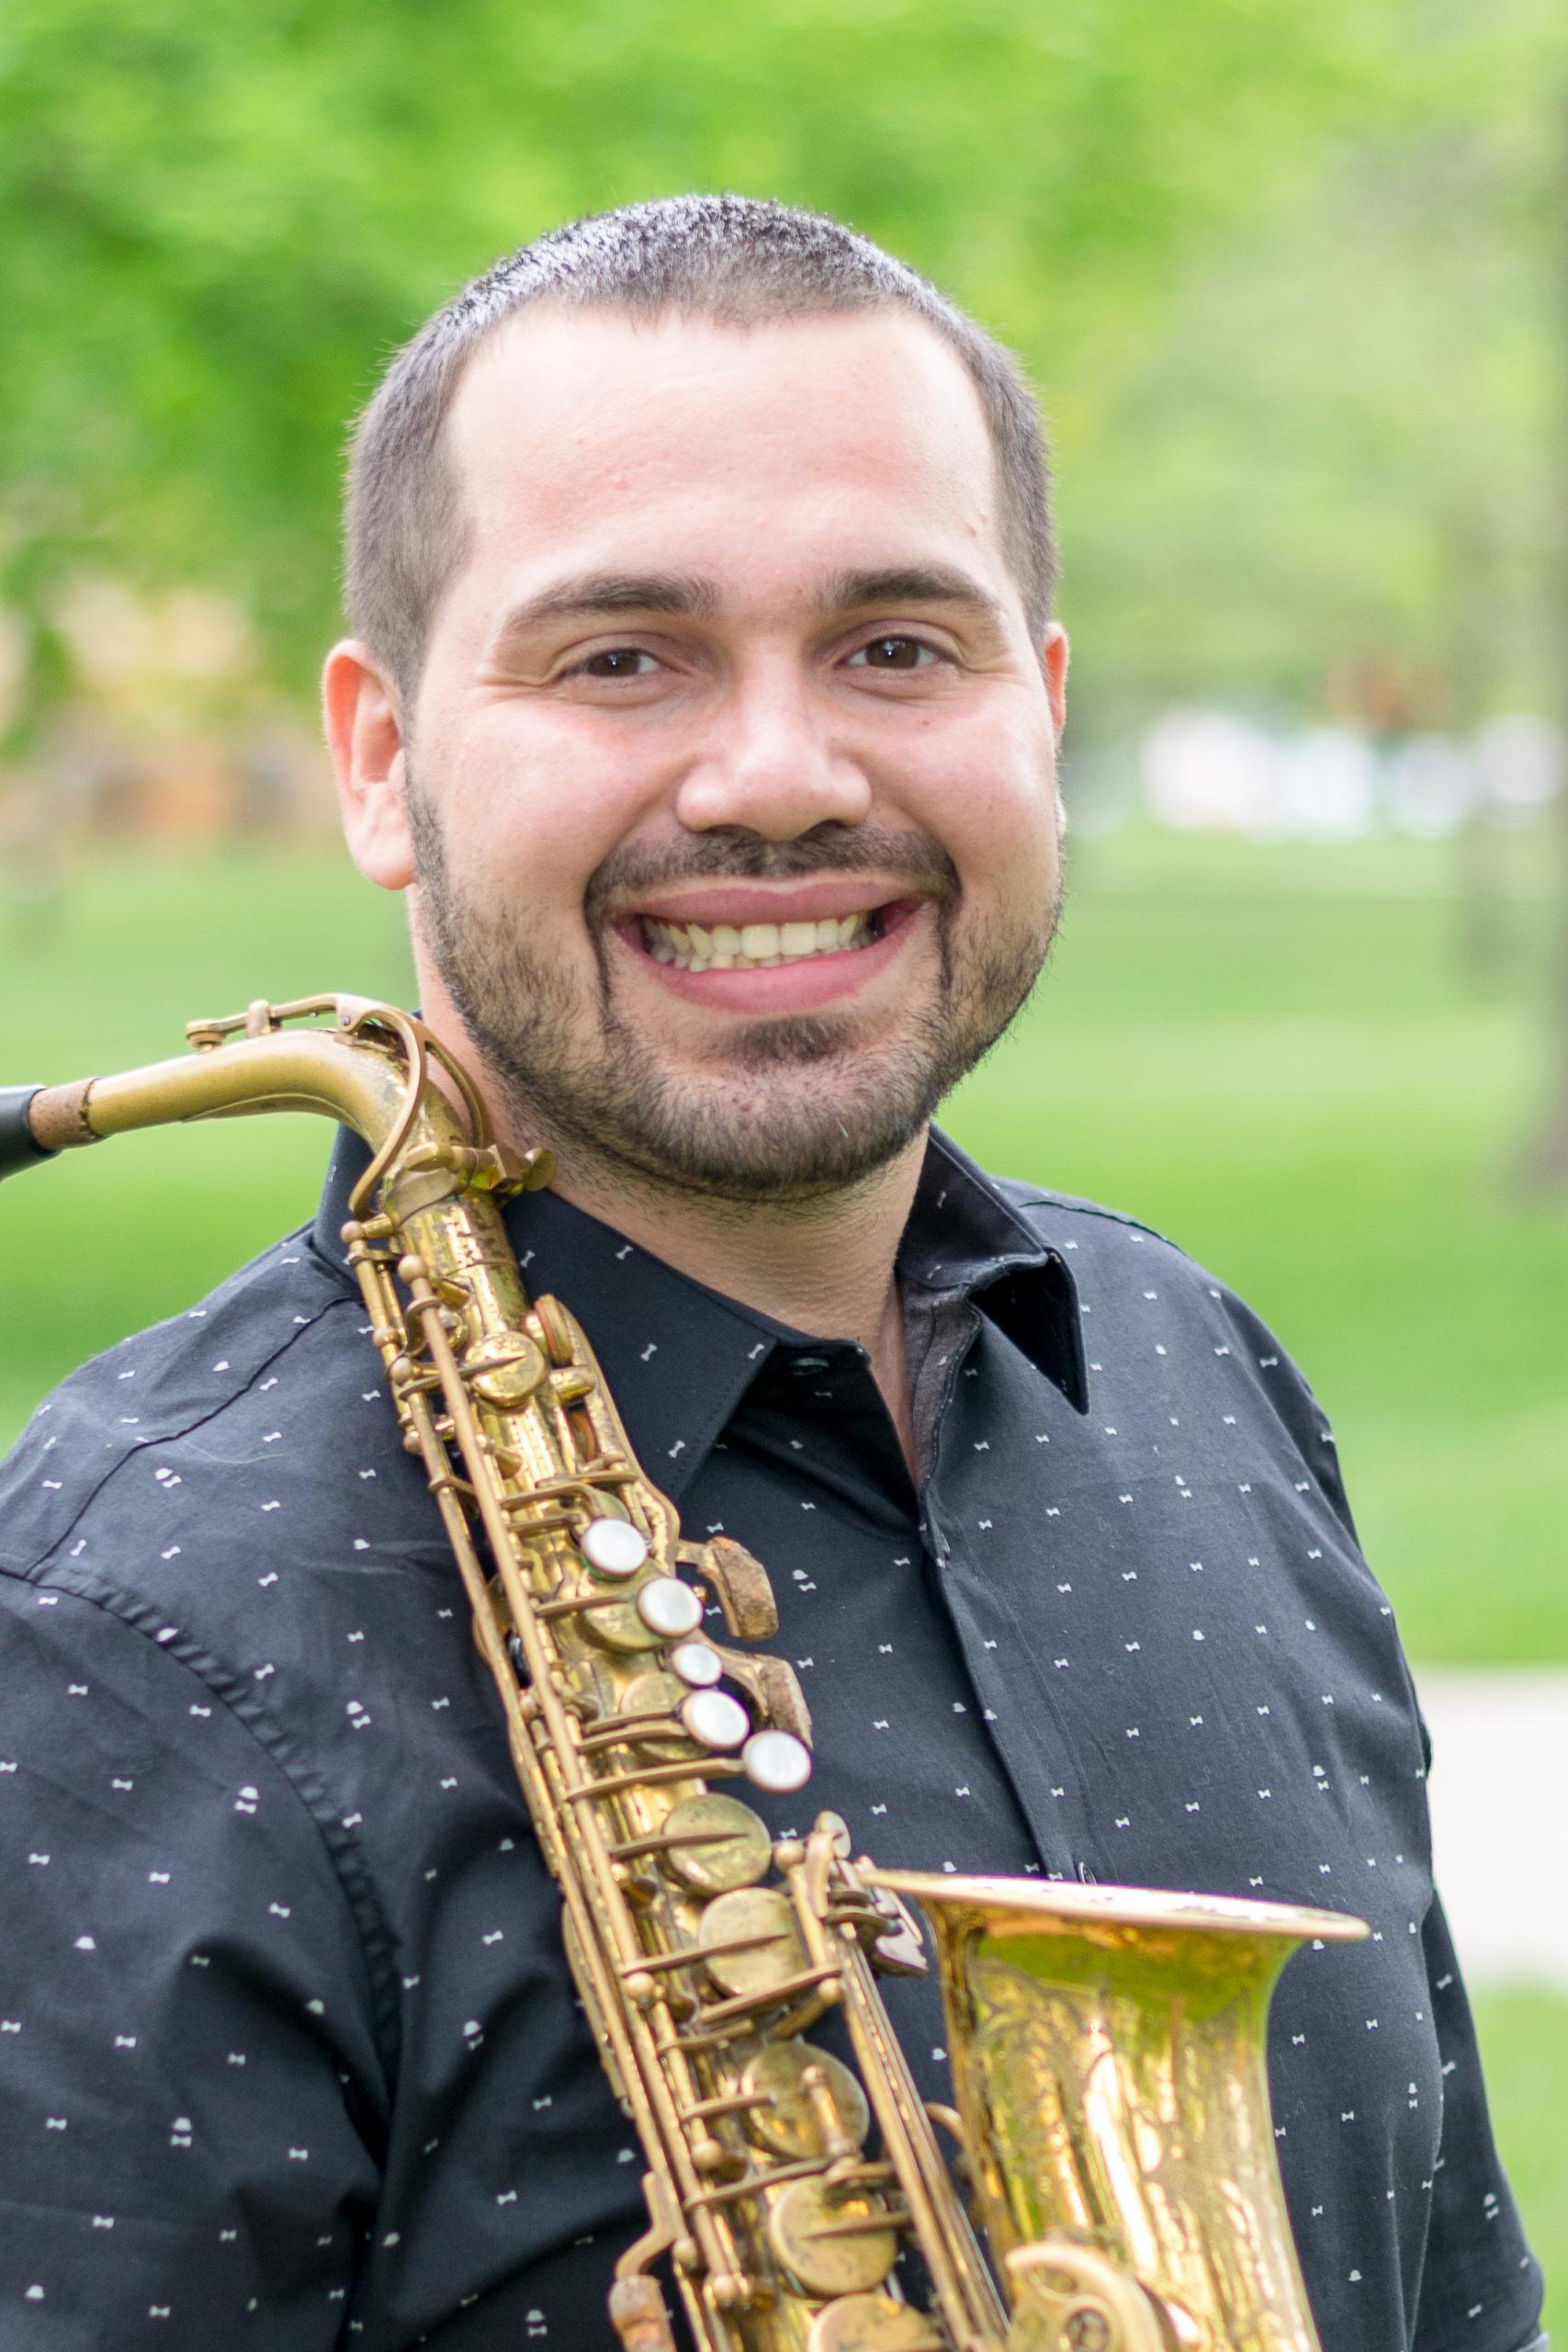 David Berrios Music Instructor